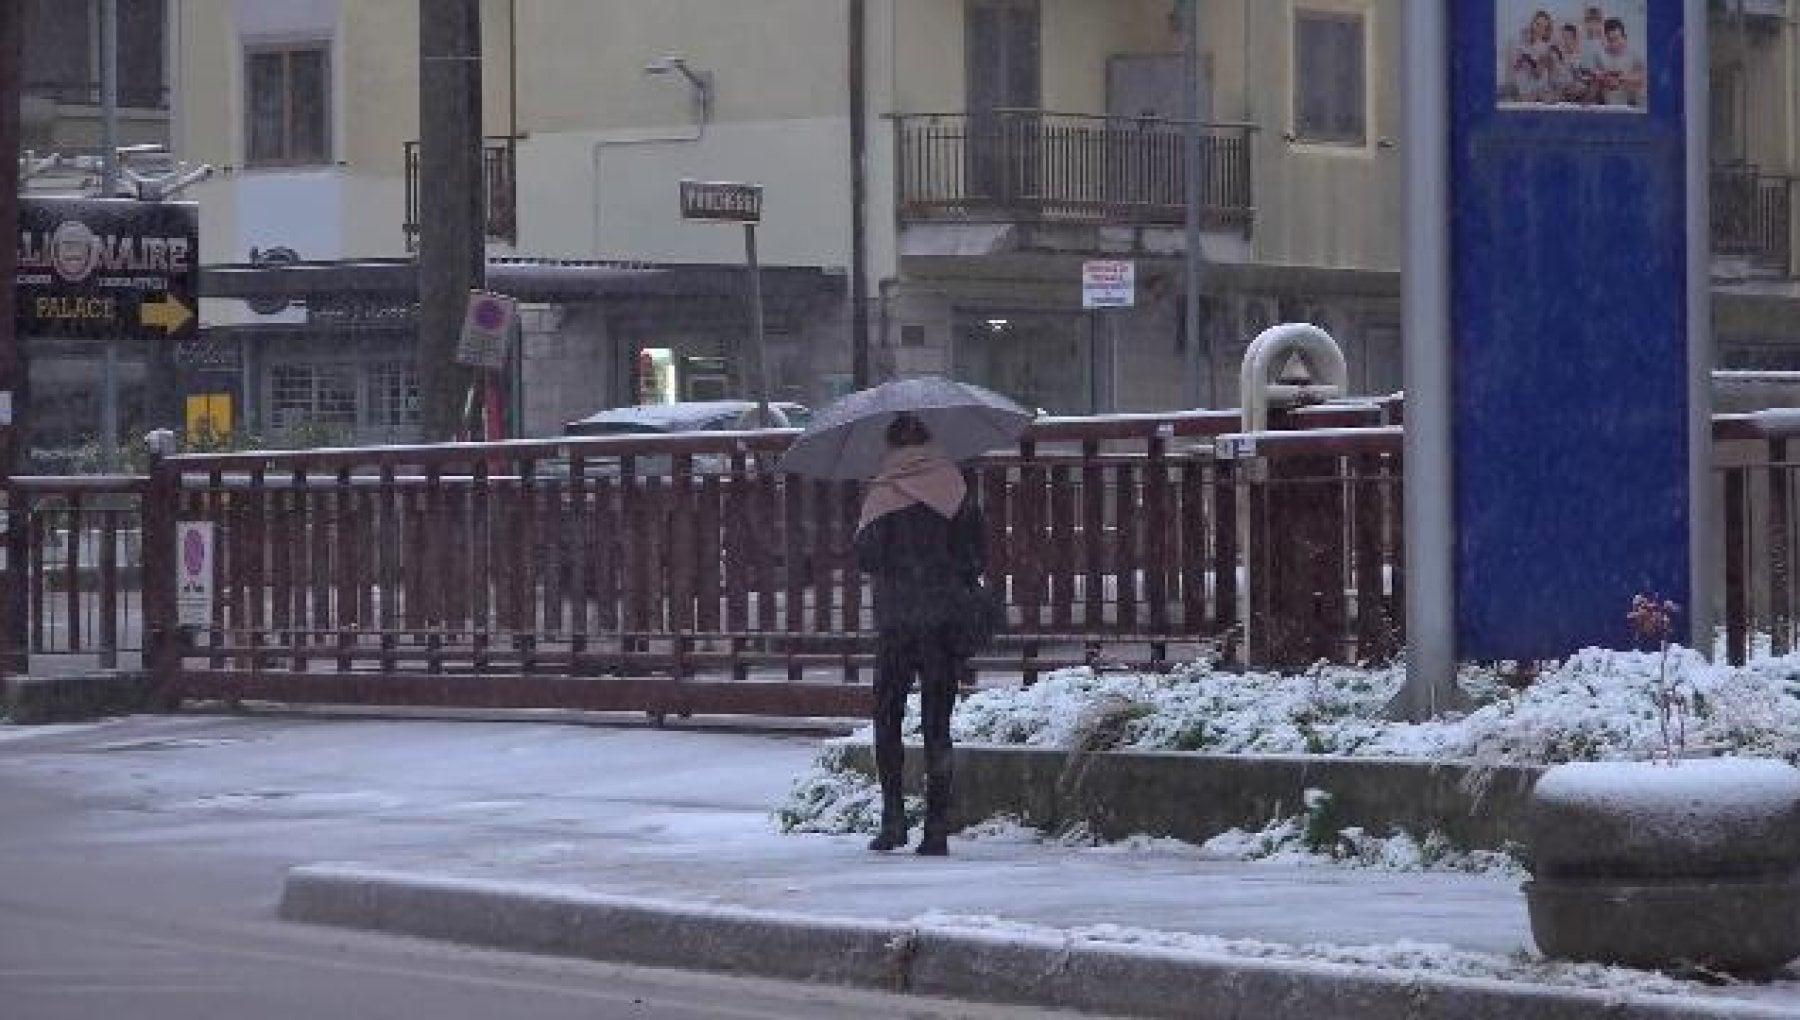 101832055 4a71b062 9589 44cf ba90 48b5feebe762 - Meteo, neve, gelo e maltempo da Nord a Sud. Disagi sulle strade e scuole chiuse